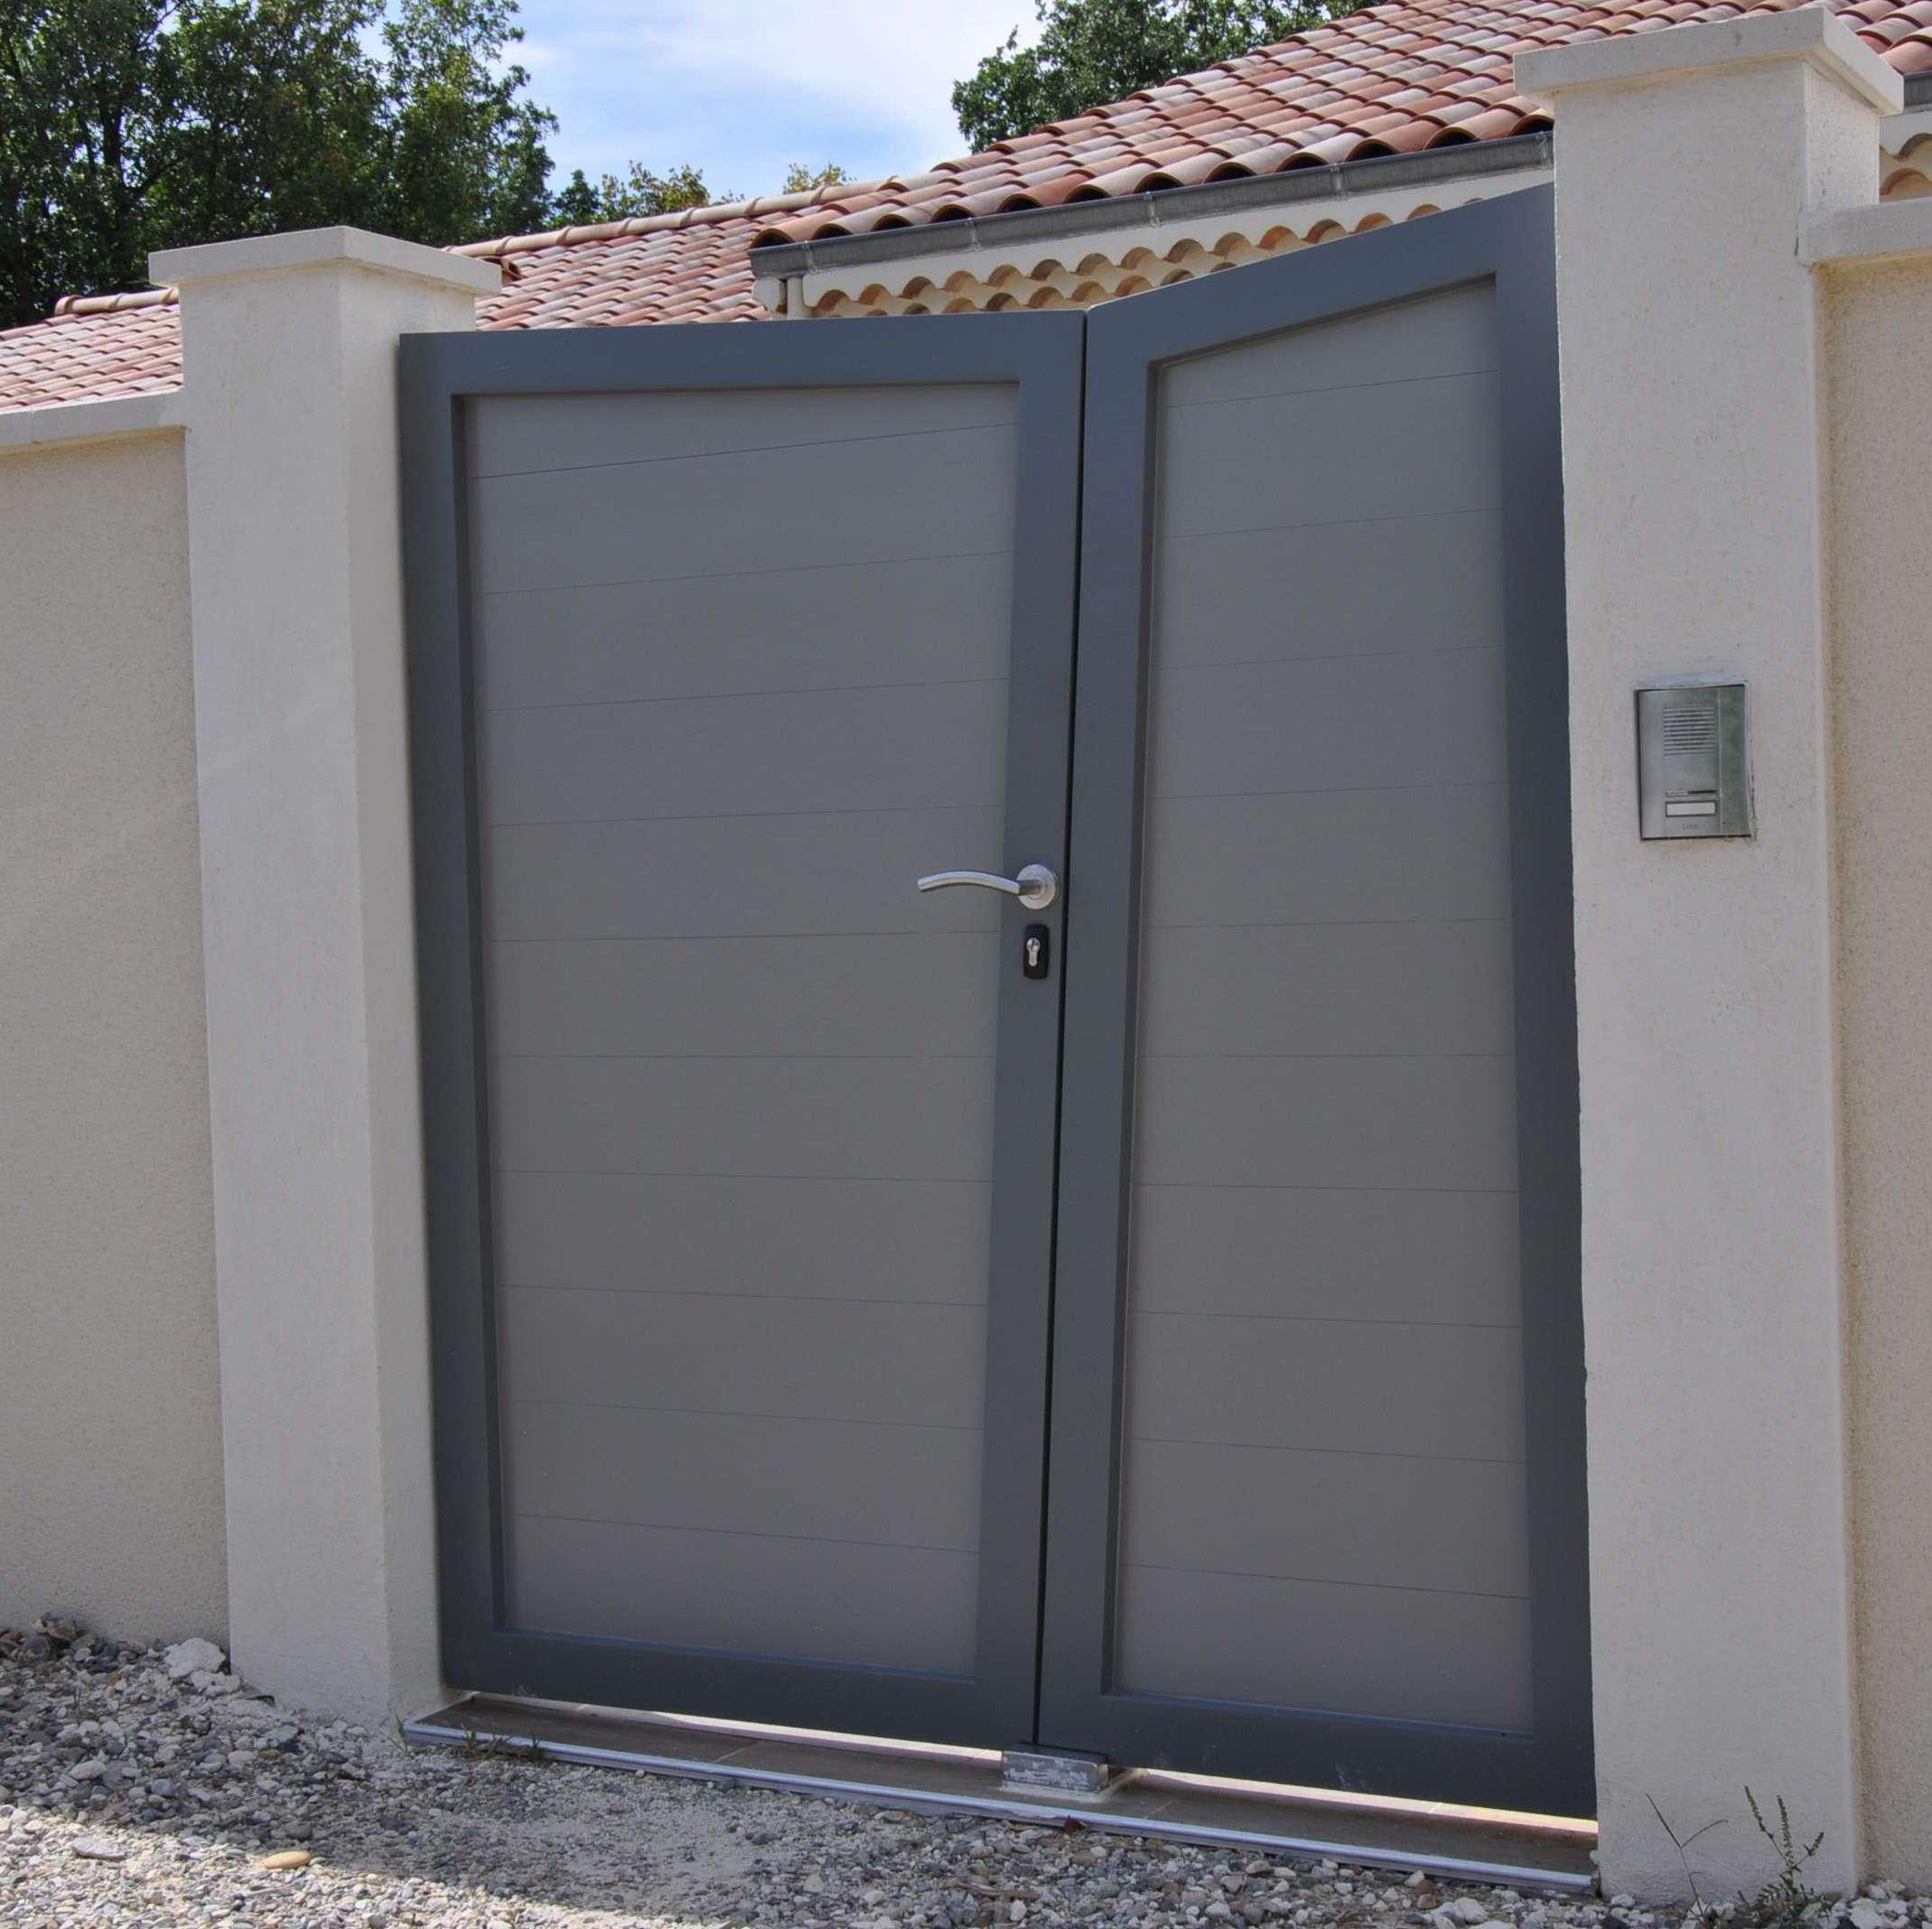 Portail deux battants en aluminium 1.8m - peinture carosserie couleur au choix  - vue extérieure - Drome